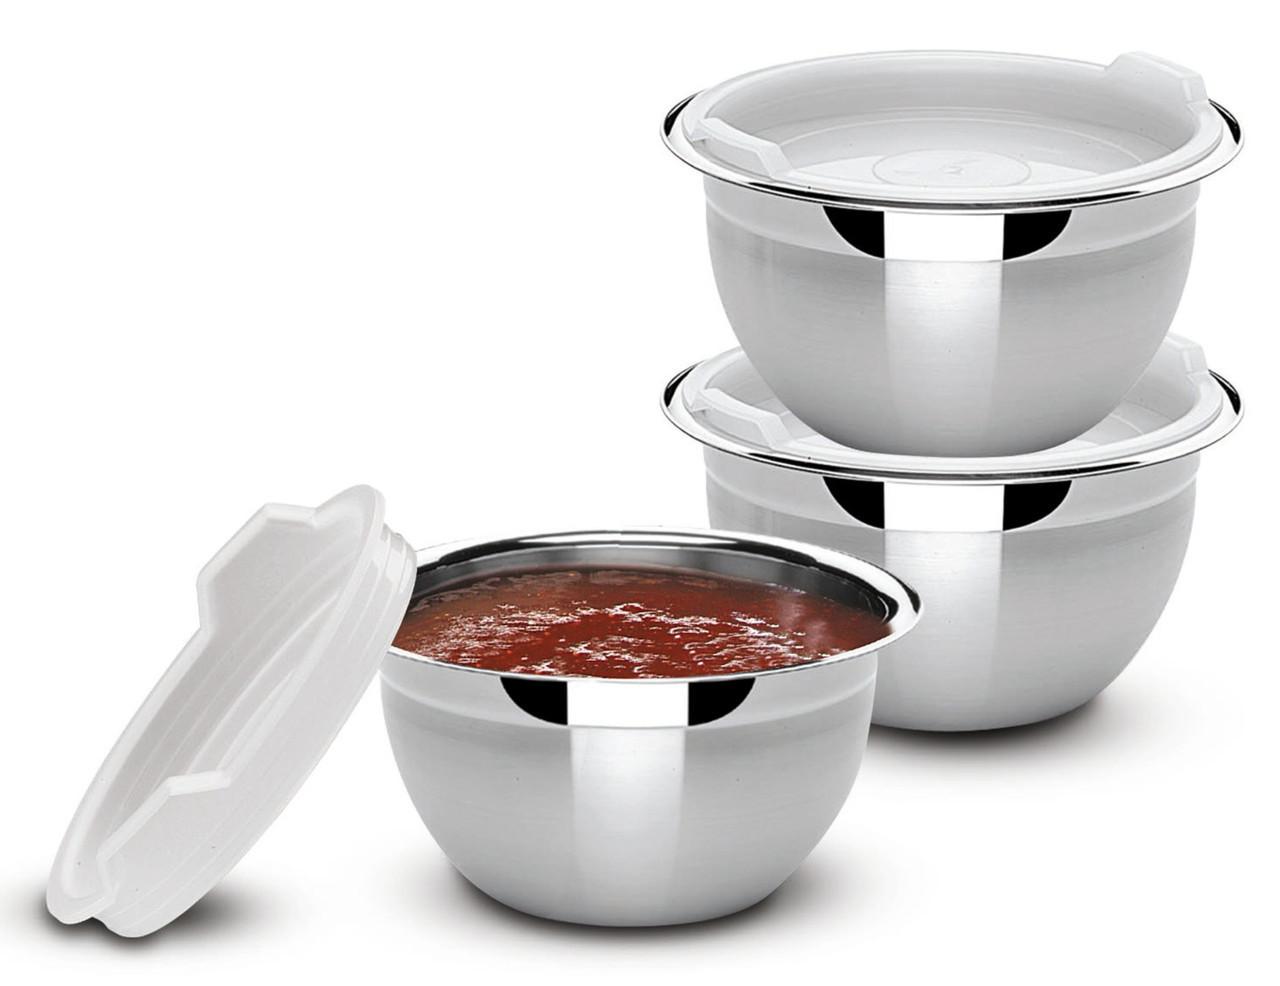 Набор емкости кухонные с крышкой стальные 3 предмета 9см 200мл Cucina Tramontina